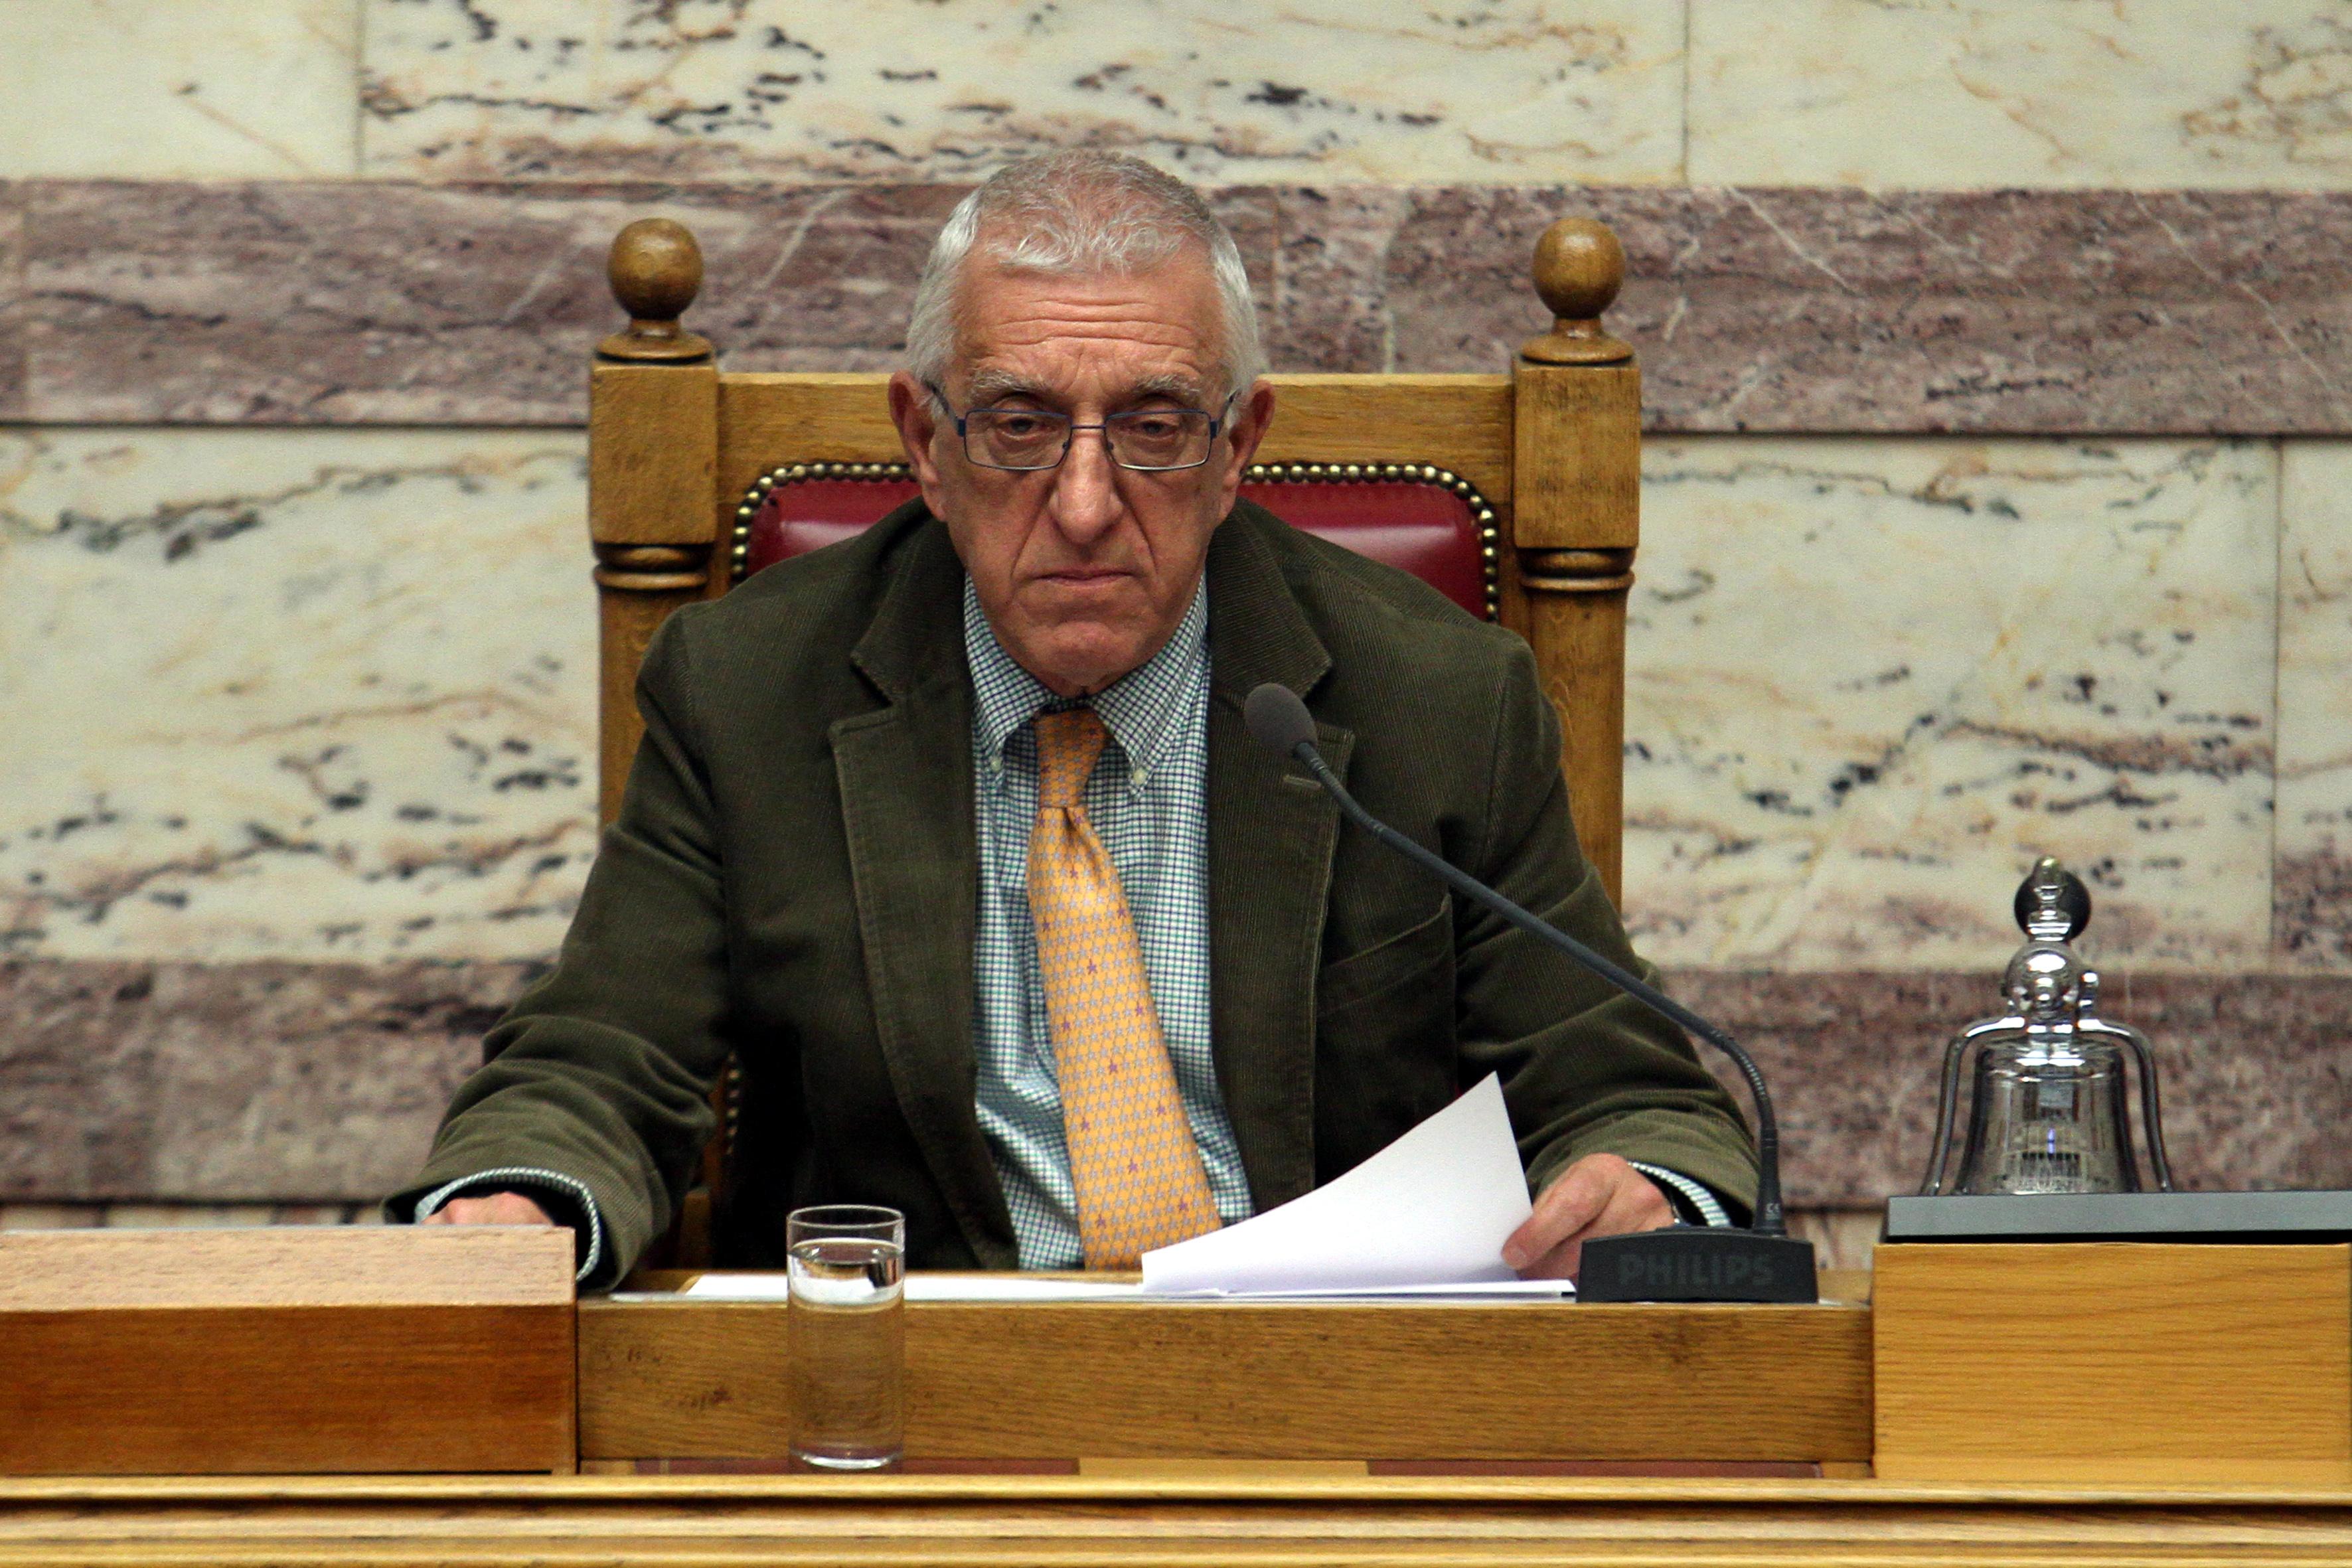 Βουλή: Δυσαρέσκεια Κακλαμάνη για την ακύρωση των επίκαιρων ερωτήσεων   tovima.gr